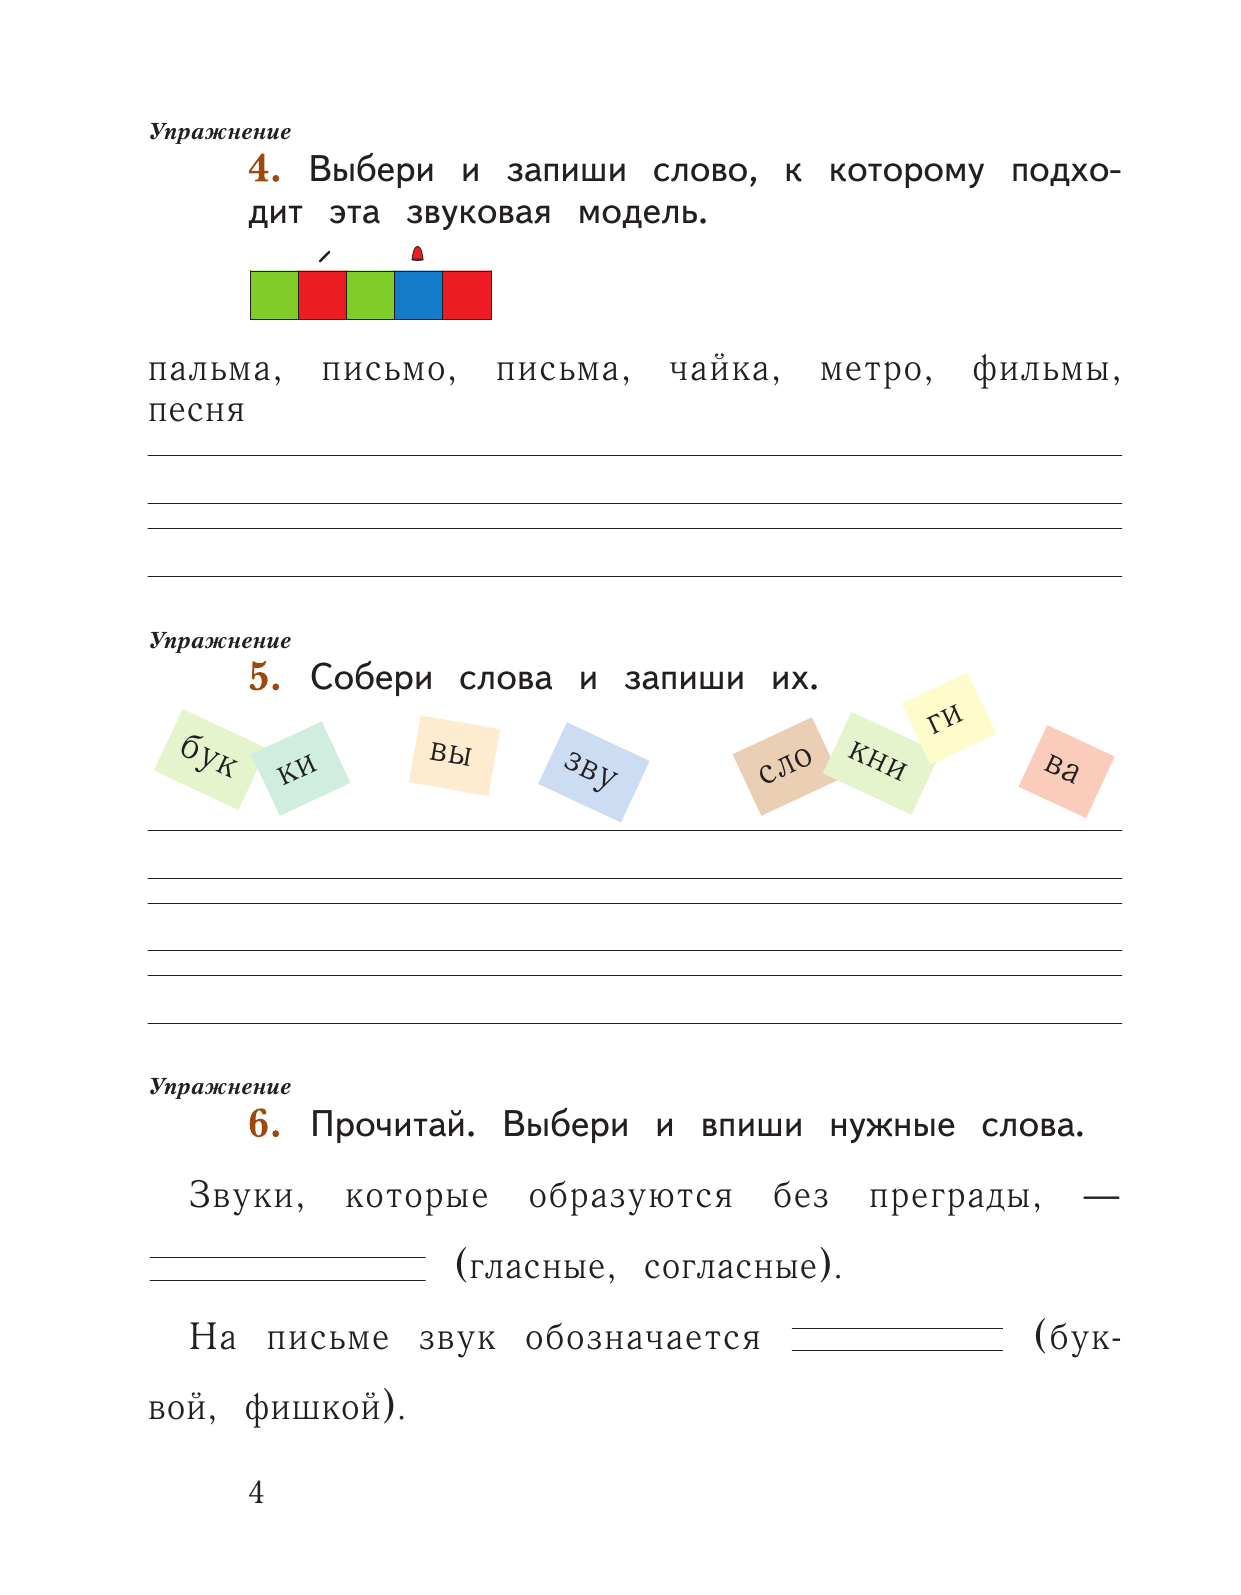 по языку 4 1 тетради русскому гдз в виноградова часть класс рабочей